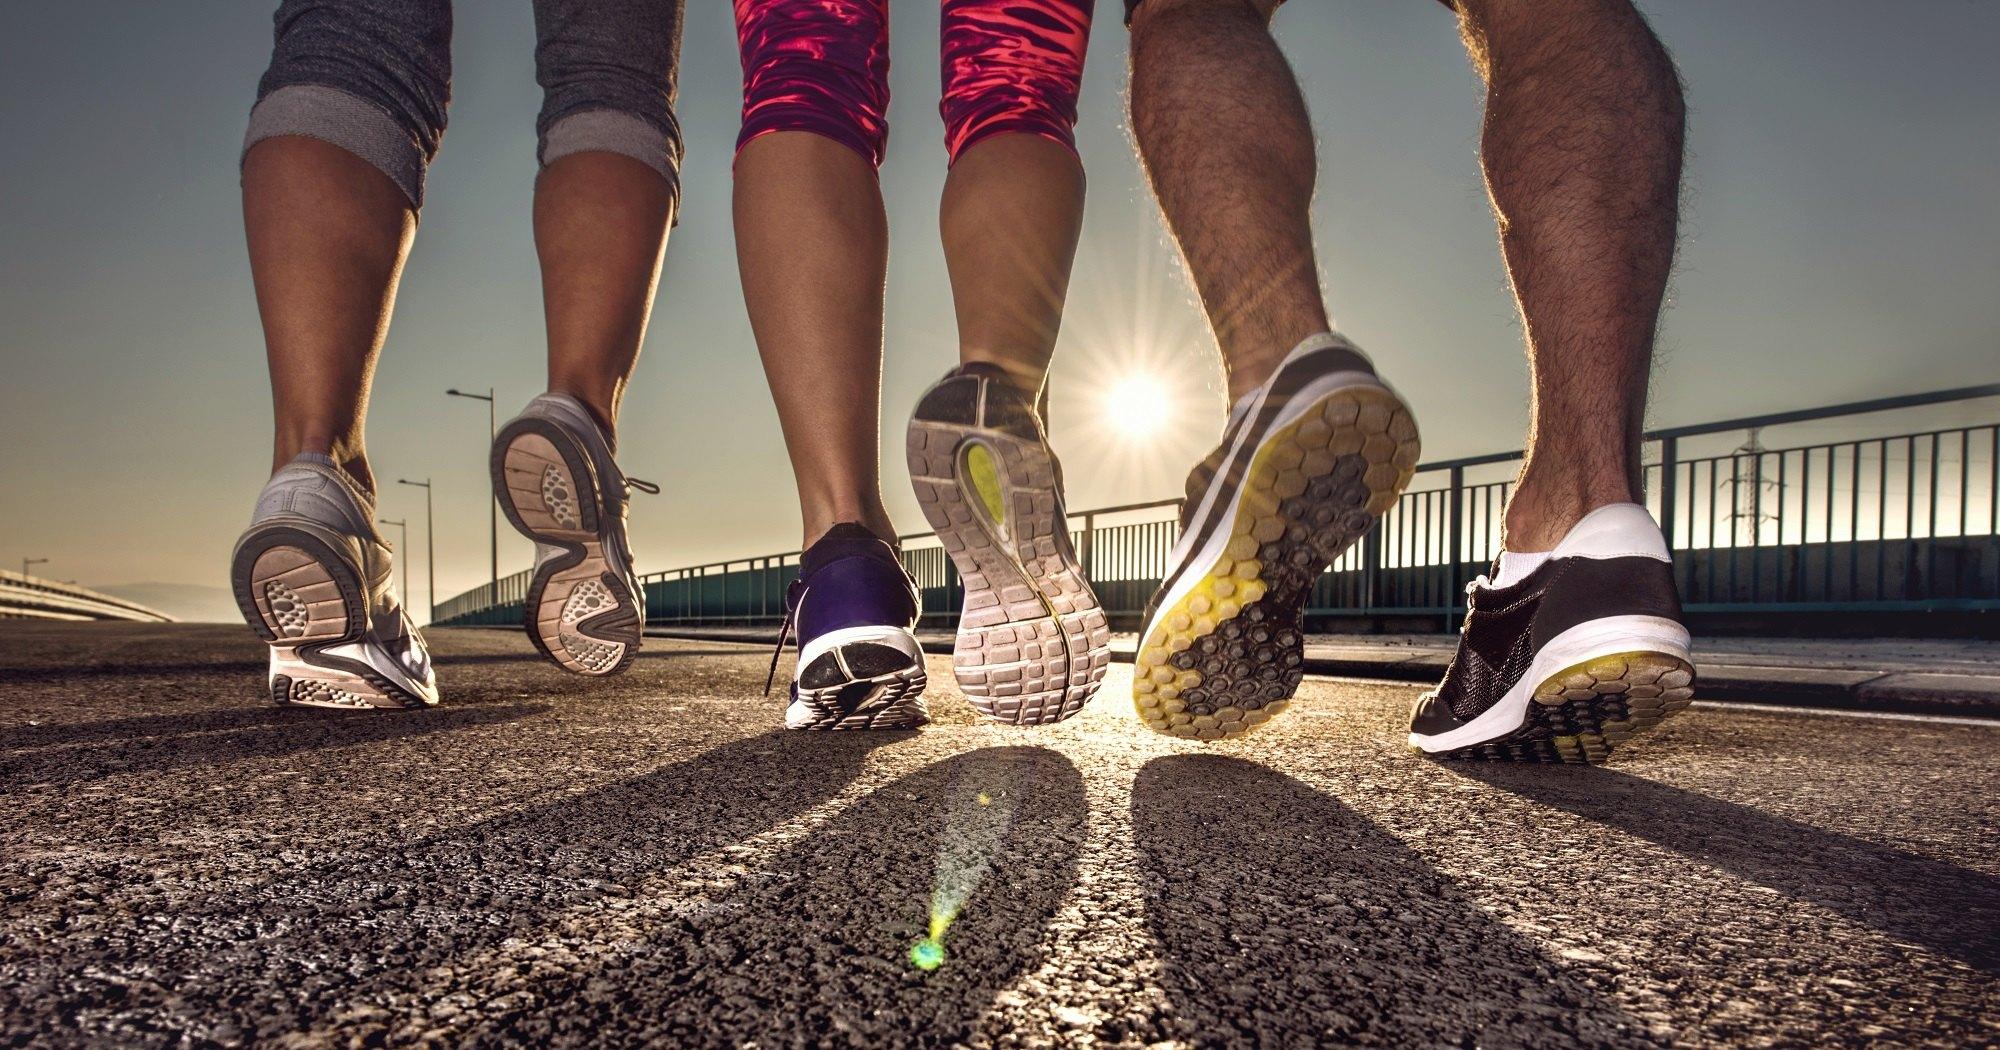 Из чего состоят кроссовки для бега?